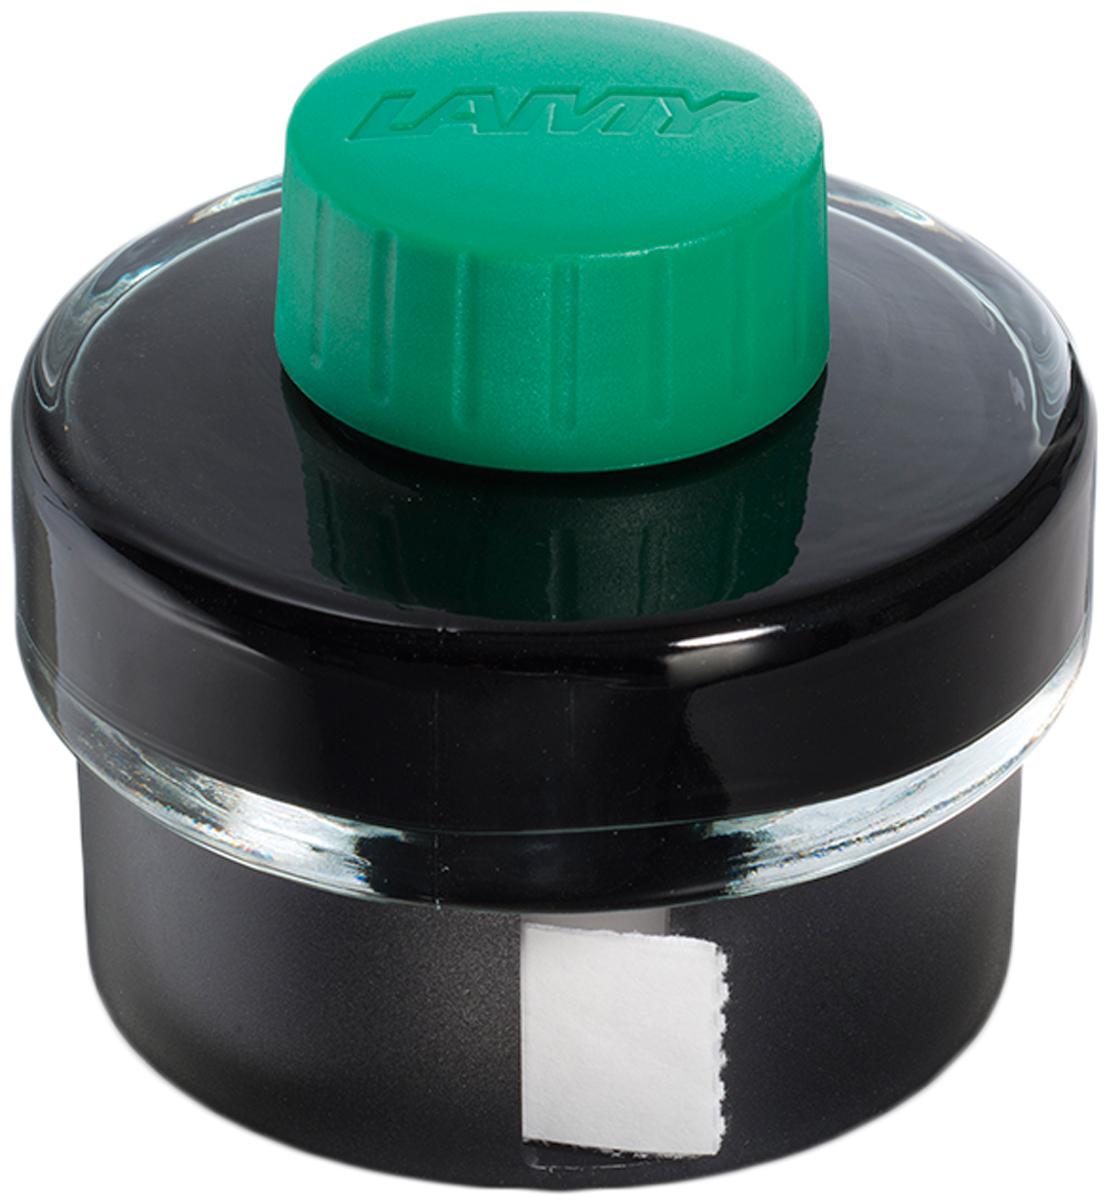 Lamy Чернила для письма T52 цвет зеленый 50 мл1608935Чернила для перьевых ручек на водной основе в стеклянном флаконе с пластиковым основанием. В основании находится рулон промокательной бумаги для удаления капель чернил с пишущего узла ручки после заправки.На дне флакона имеется углубление для сбора остатков чернил для удобной заправки и использования до последней капли.Чернила предназначены для заправки перьевых ручек с помощью конвертера а также для поршневых перьевых ручек.Цвет: зеленый.История бренда Lamy насчитывает более 80-ти лет, а его философия заключается в слогане Дизайн. Сделано в Германии. Компания получила более 100 самых престижных дизайнерских наград. Все пишущие инструменты Lamy производятся на фабрике в Гейдельберге (Германия).